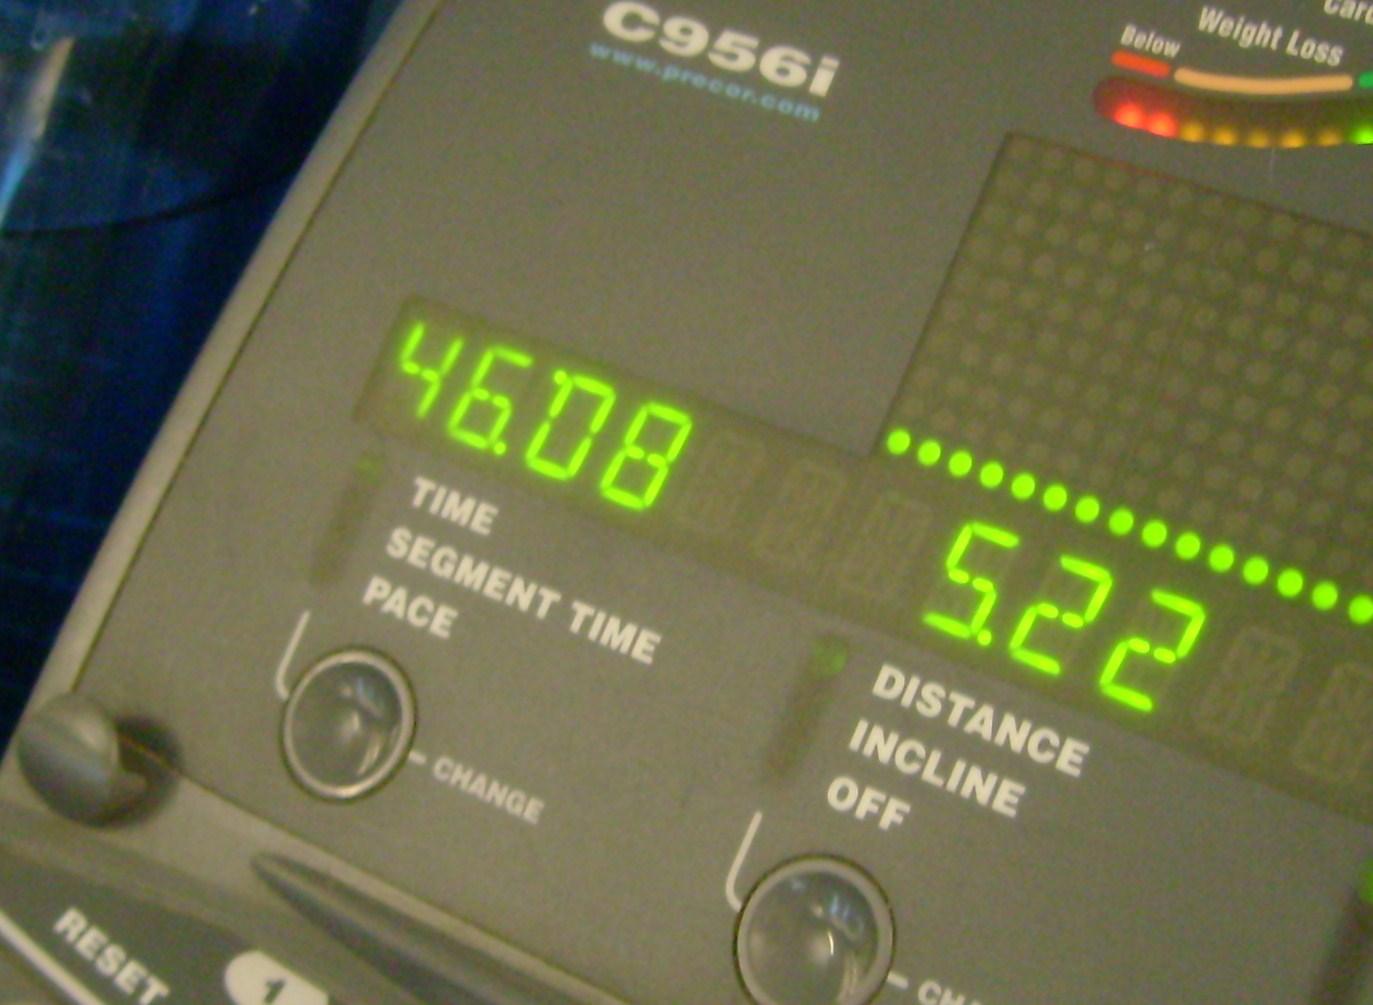 12 Miles In 1:46:08